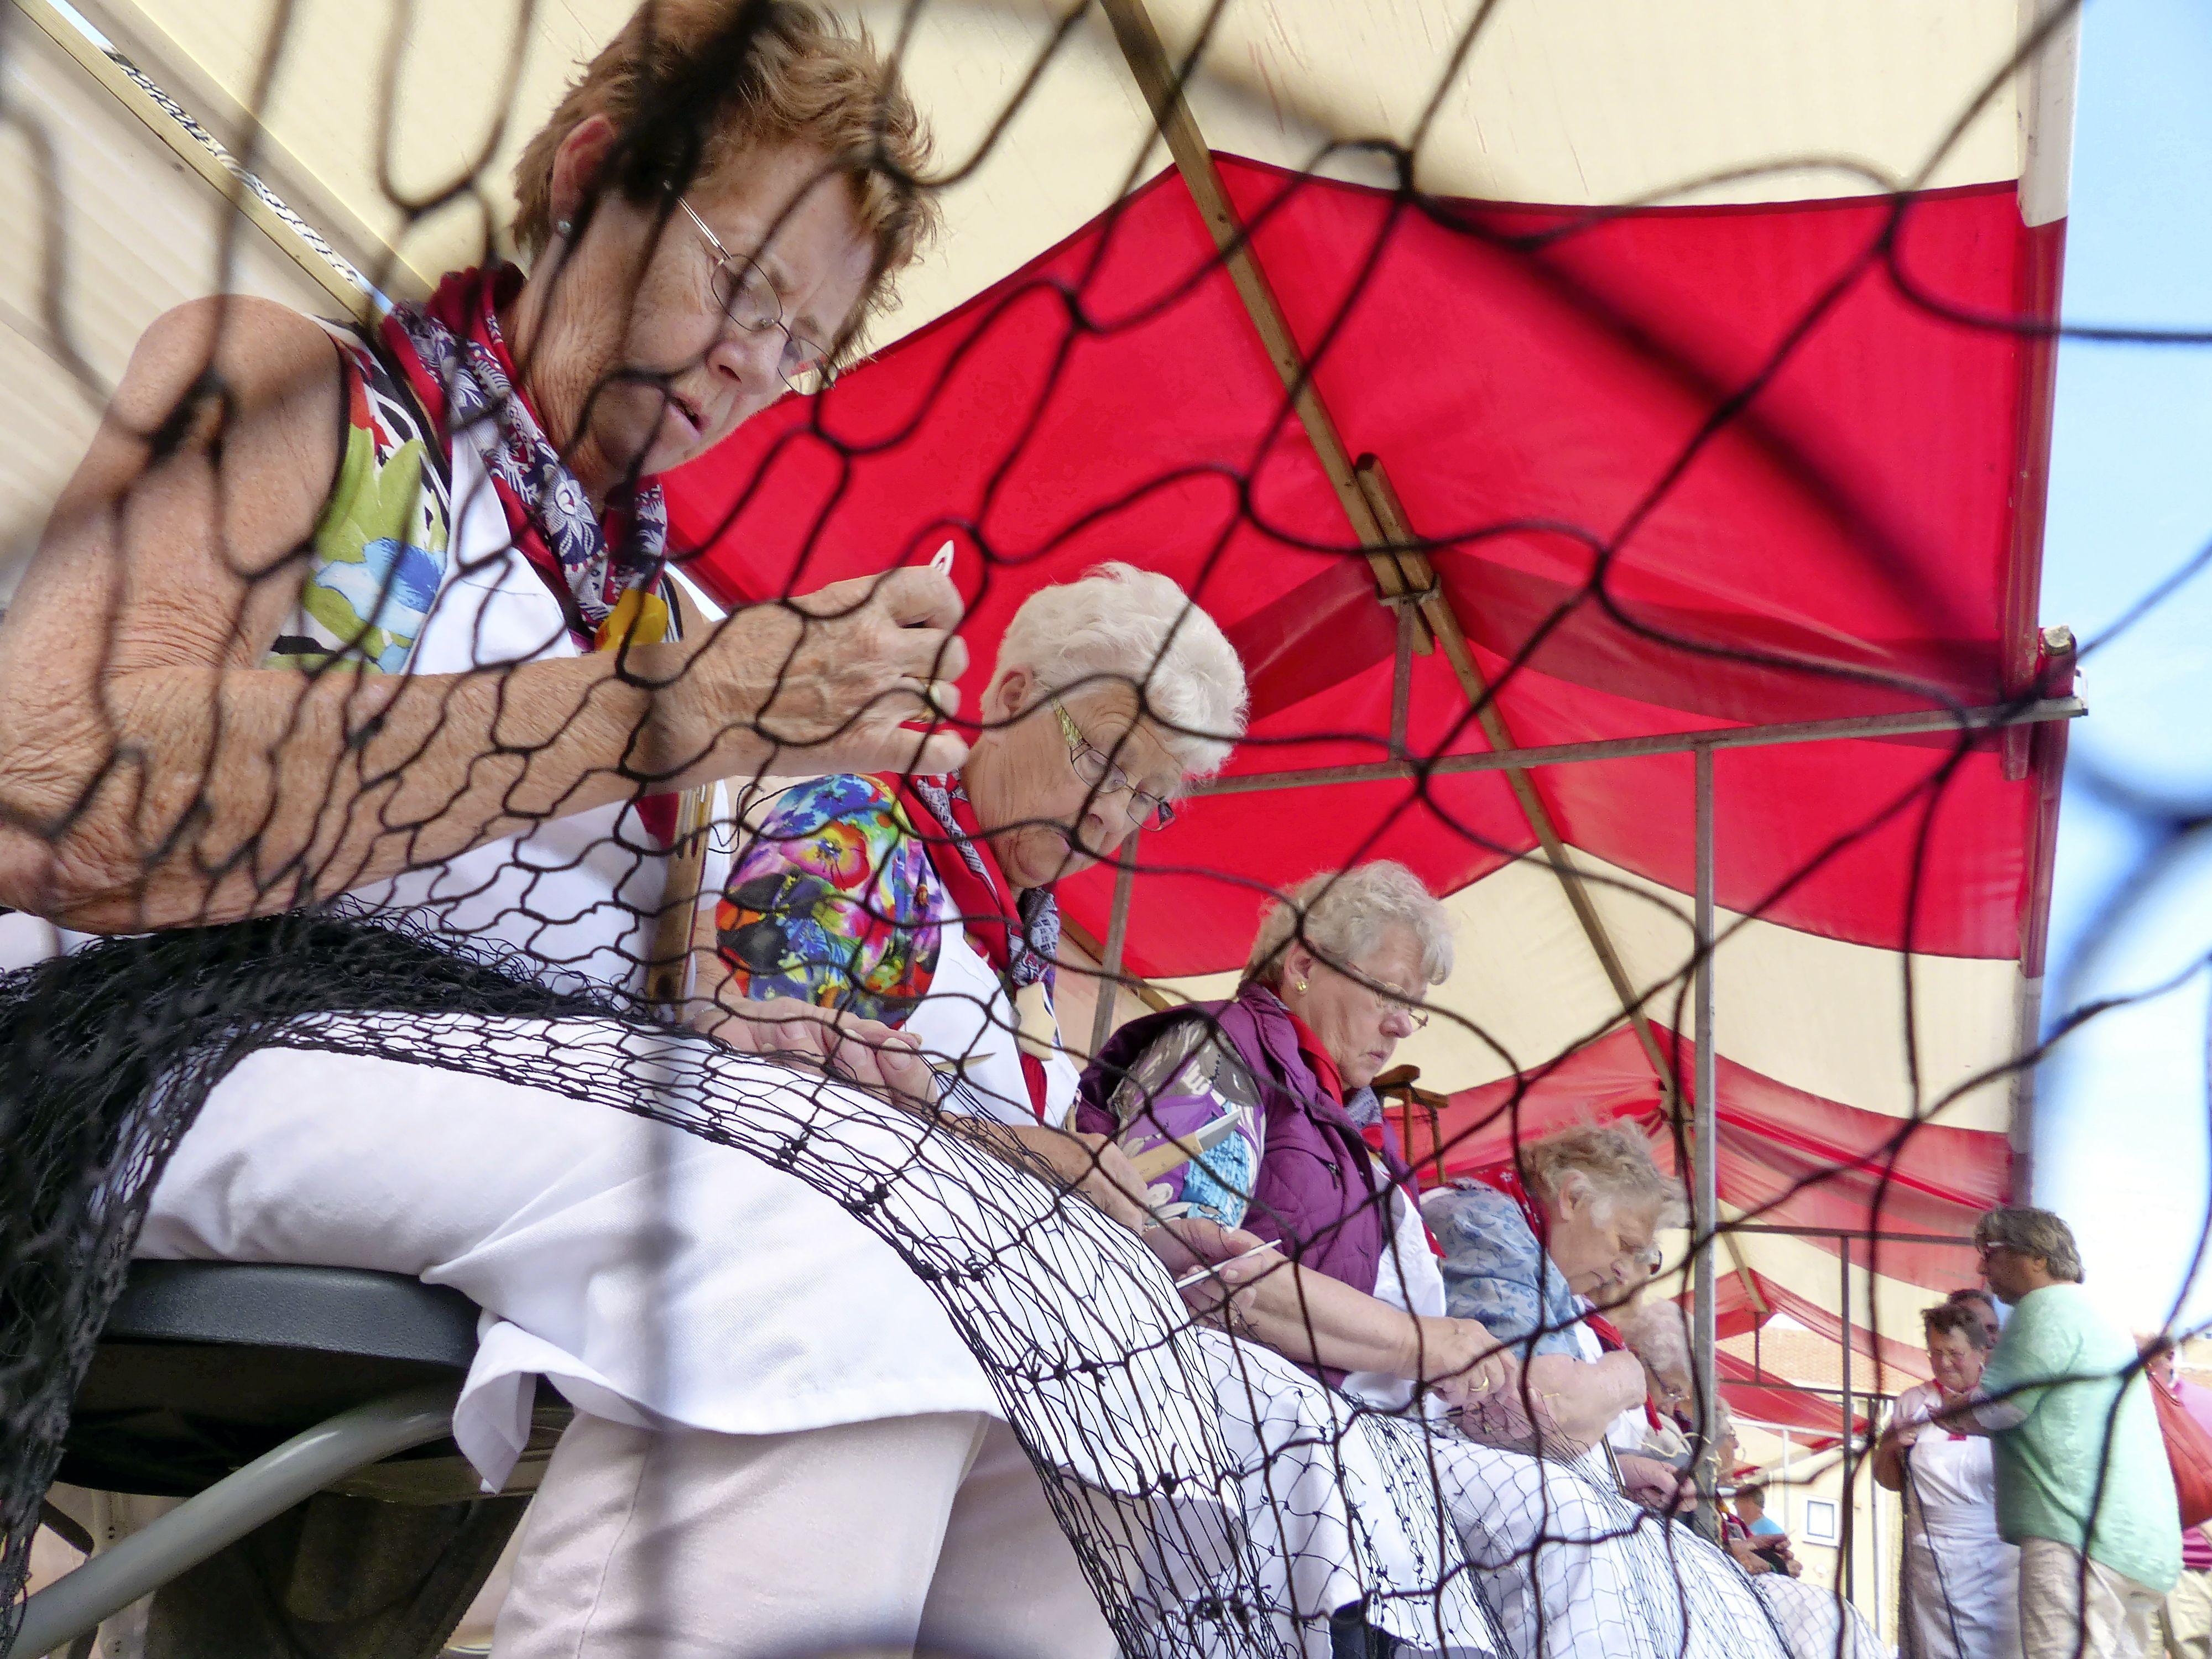 Weer toeristenmarkt in Katwijk: 'Ondernemers krijgen weer de kans te ondernemen'